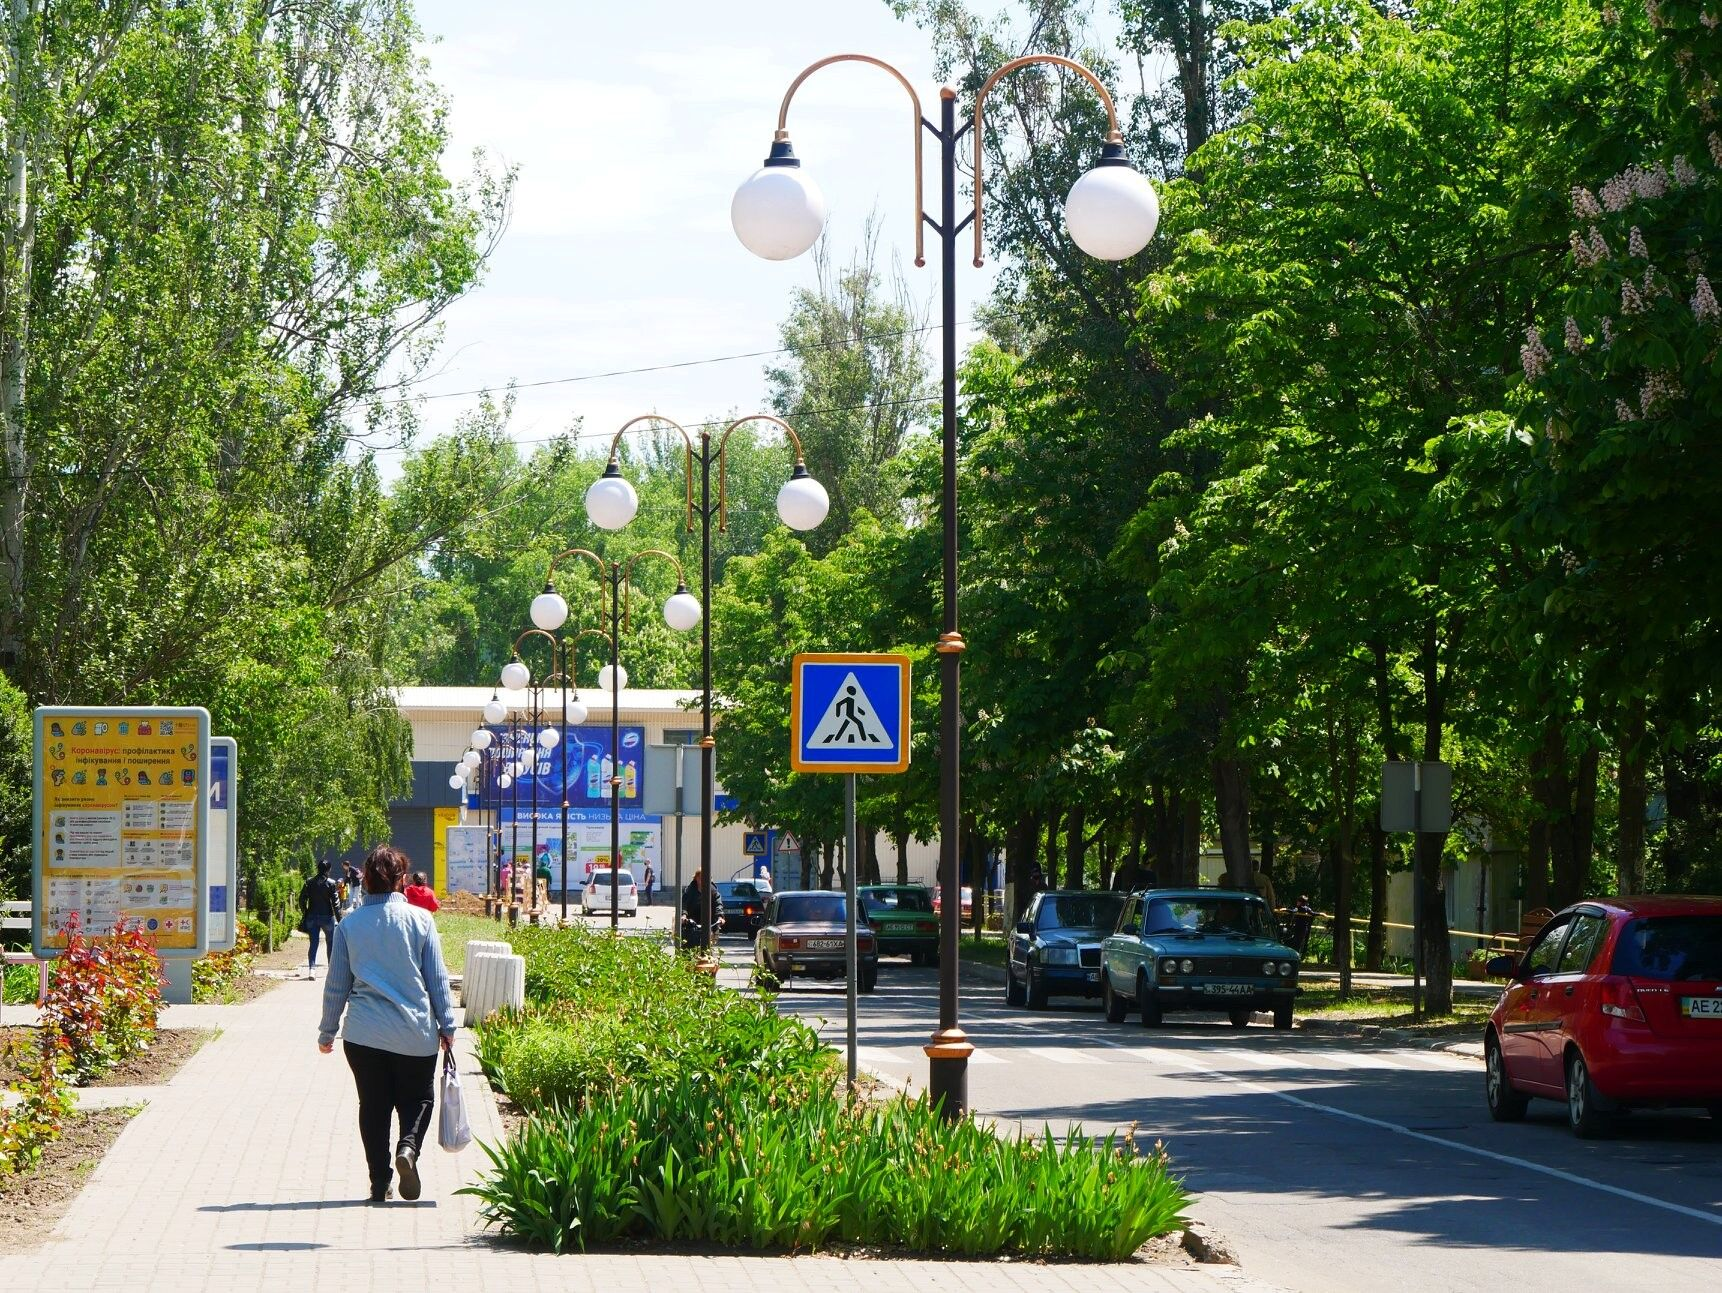 Покров на Днепропетровщине за 4 года стал самым комфортным городом для жизни – Голик